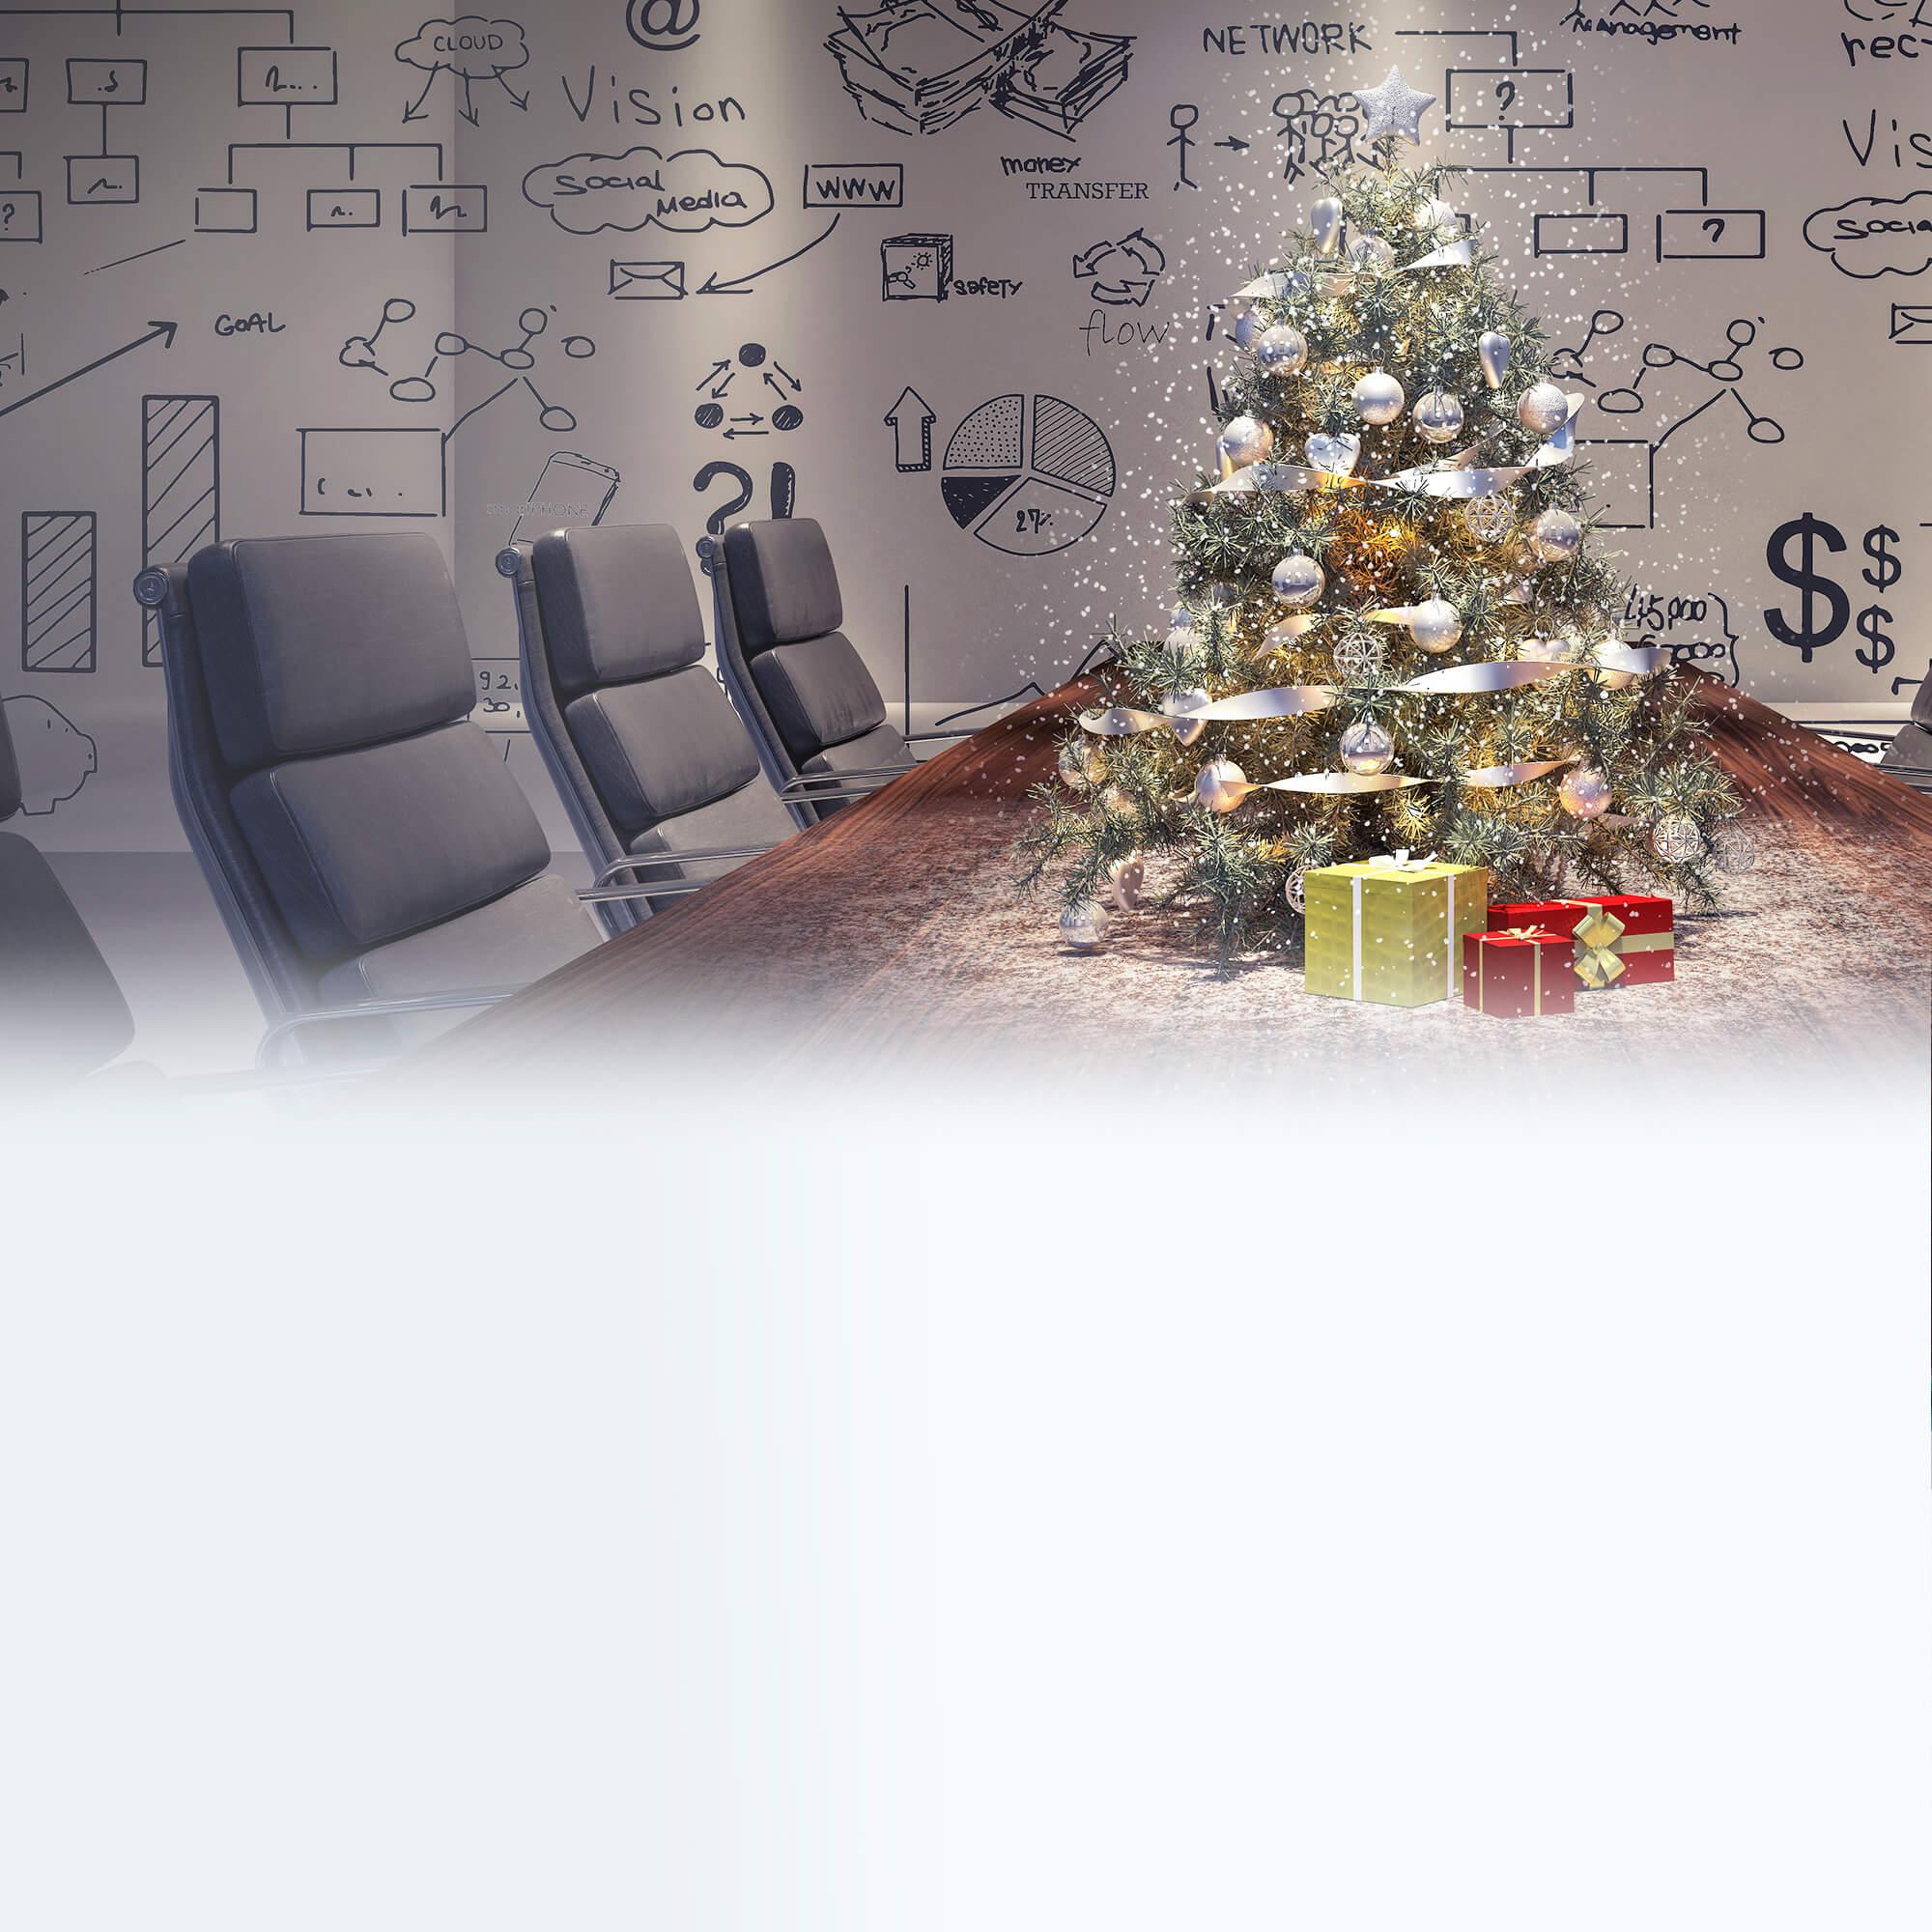 Weihnachtsfeier online planen: Alternativen fürs Homeoffice